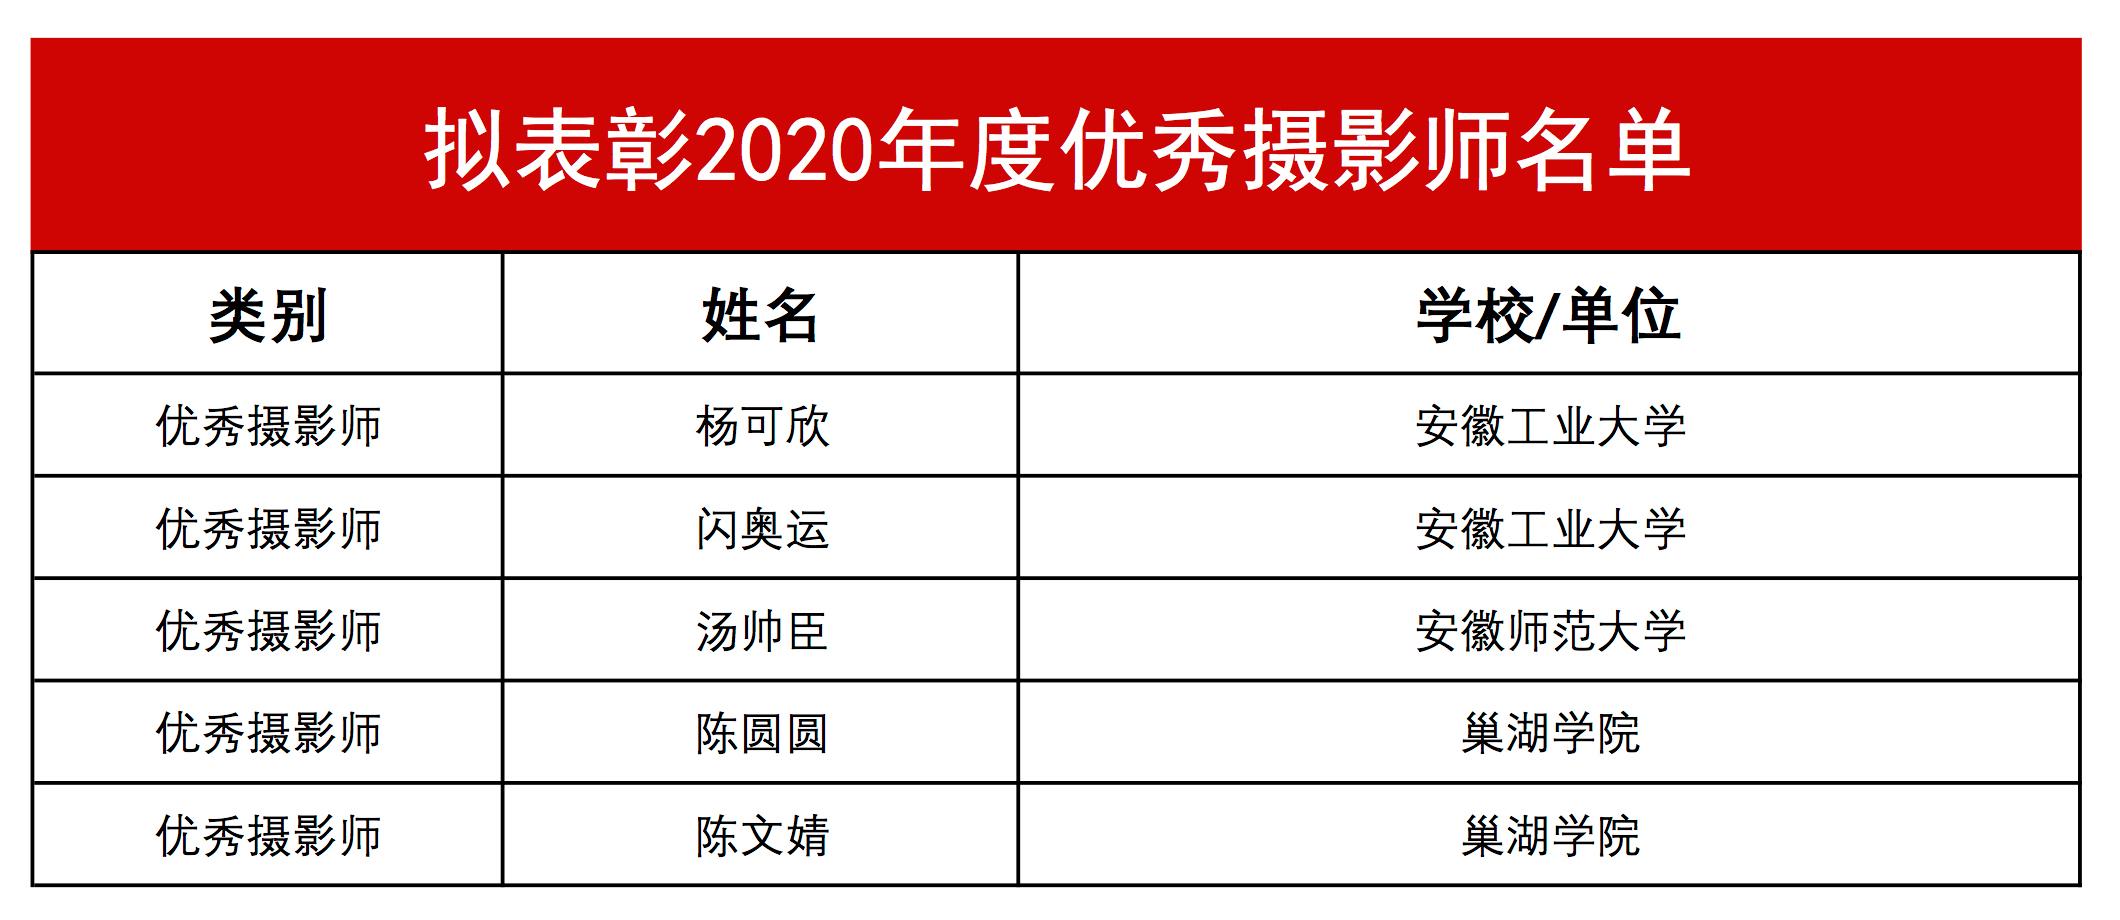 重要公布!安徽大學生網擬表彰2020優秀通訊員名單公示